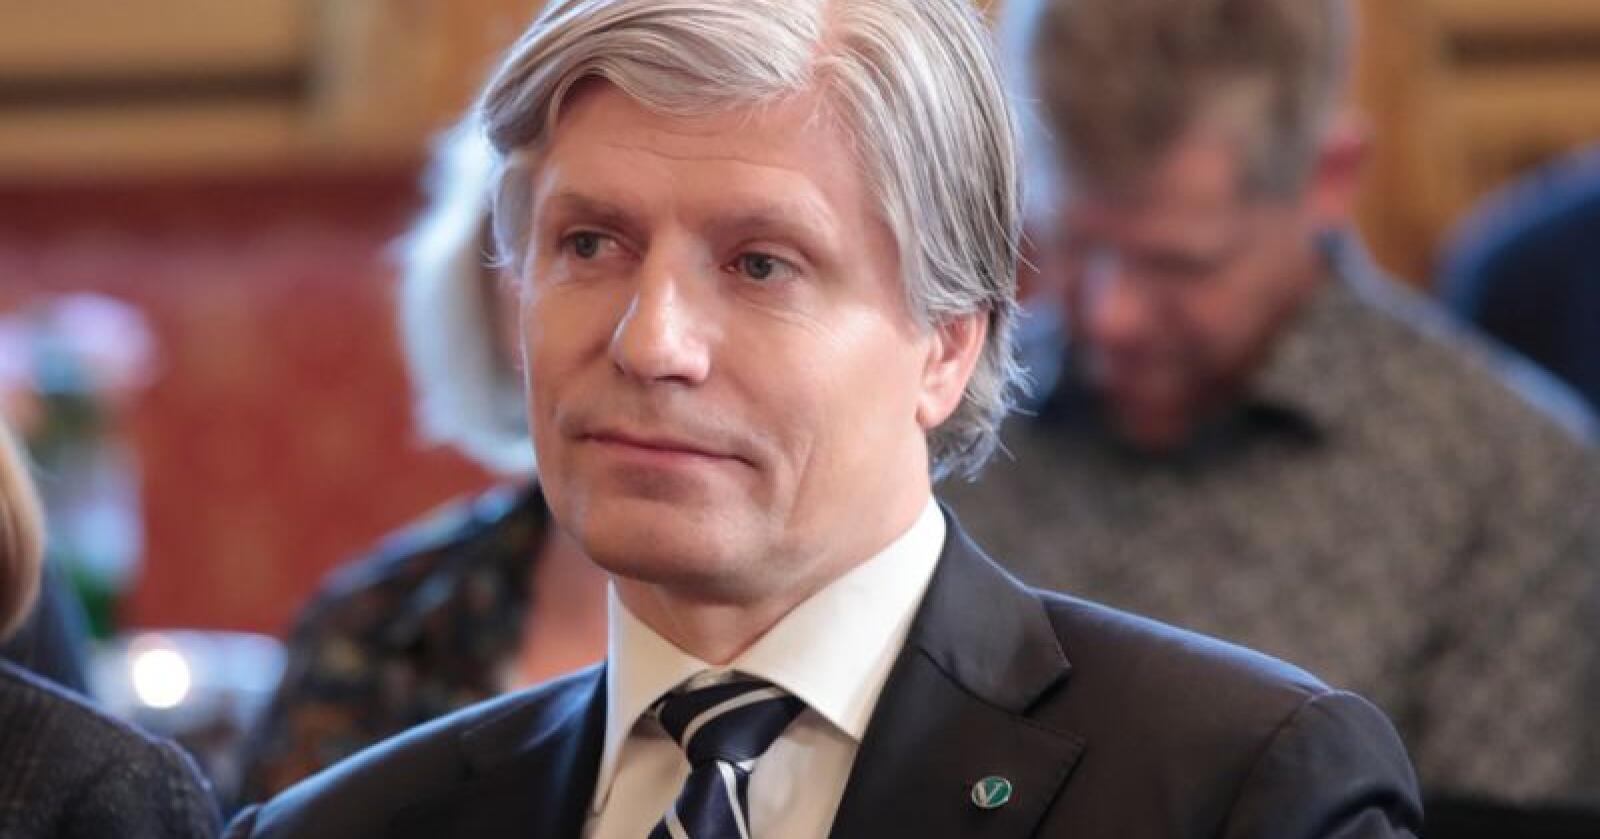 Regjeringen, ved klima- og miljøminister Ola Elvestuen, ønsker mer kunnskap om ulv. Foto: Lise Åserud / NTB scanpix